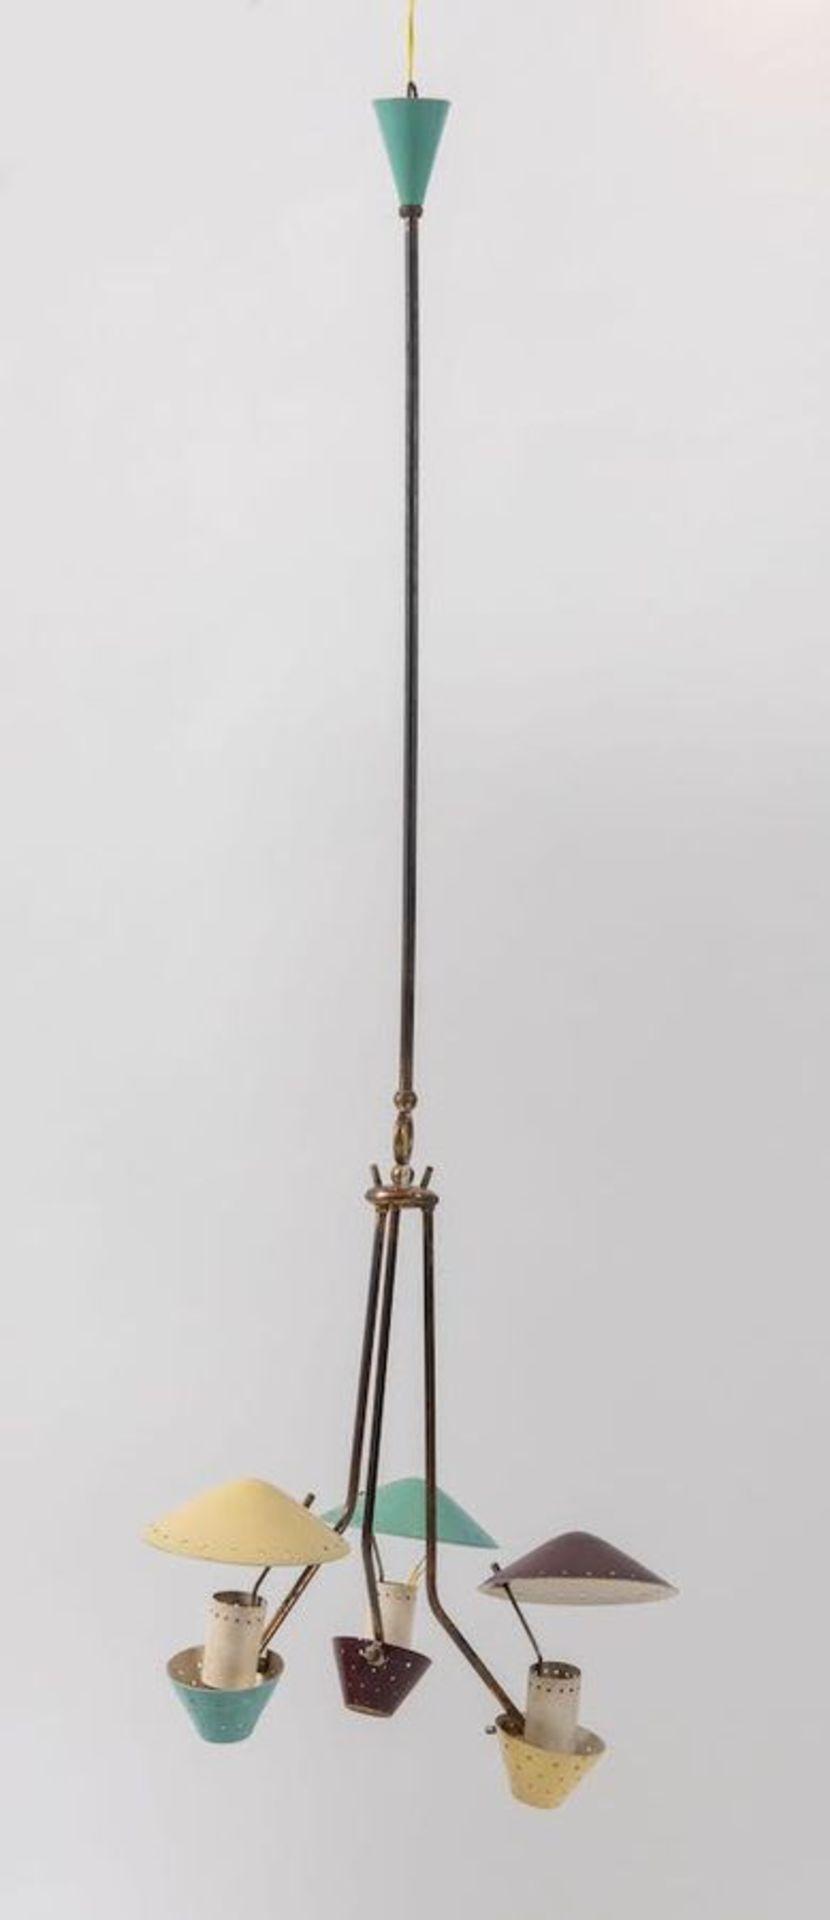 Lampadario a tre luci in ottone e metallo. Prod. Italia, 1950 ca. Cm 106x40x40.